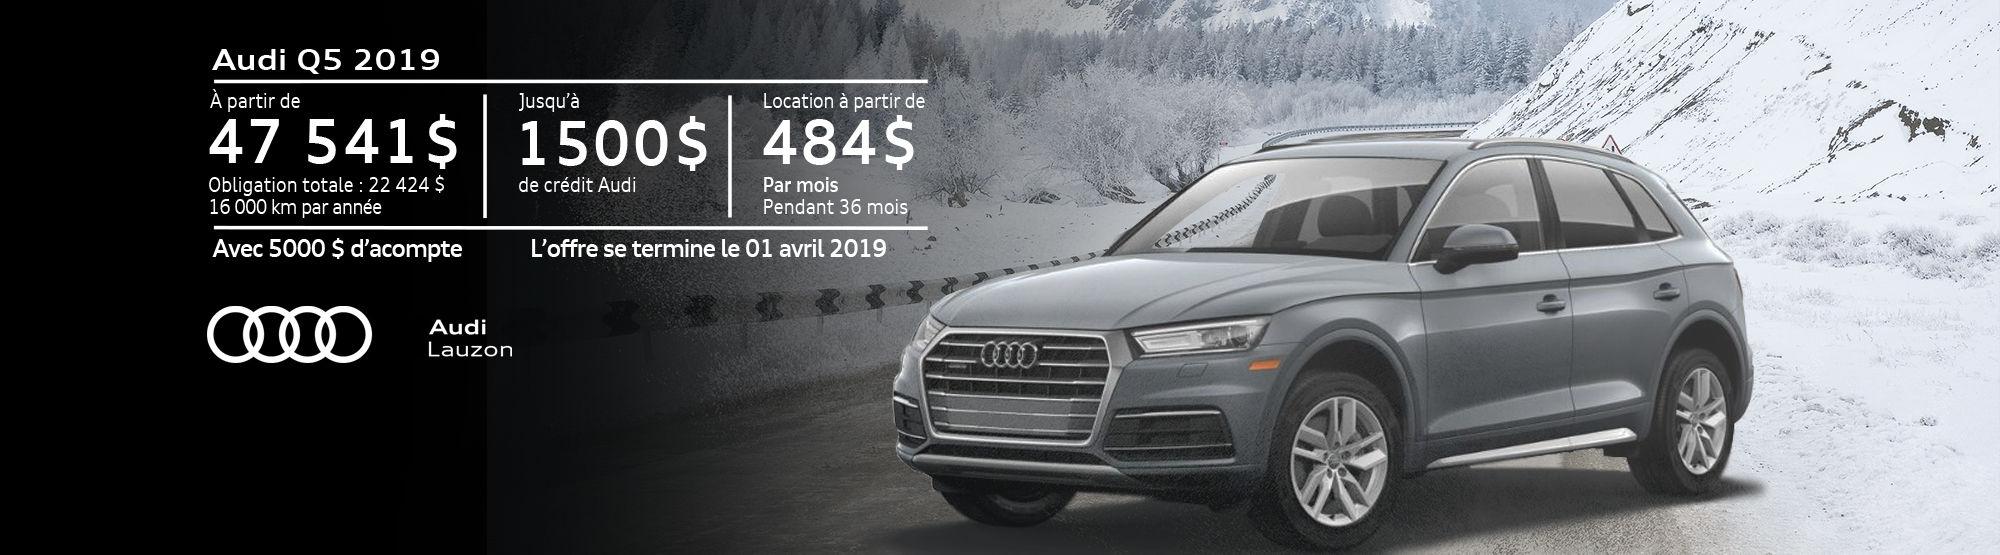 Audi Q5 mars 2019